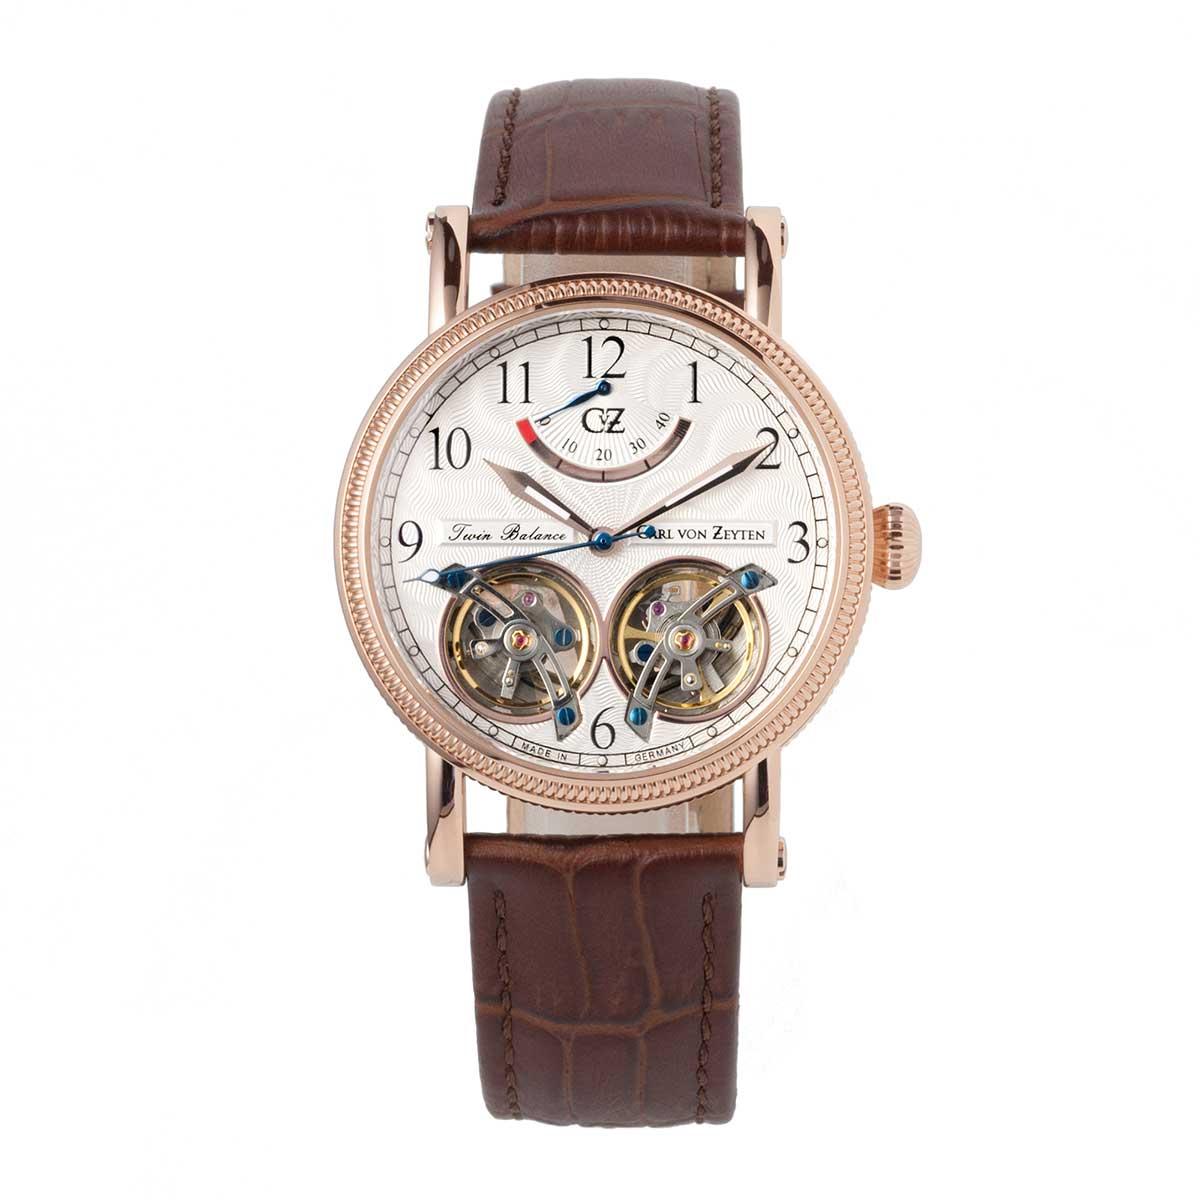 Carl von Zeyten カール・フォン・ツォイテン 自動巻き(手巻き機能あり) 腕時計 [CvZ0033RWH] 並行輸入品